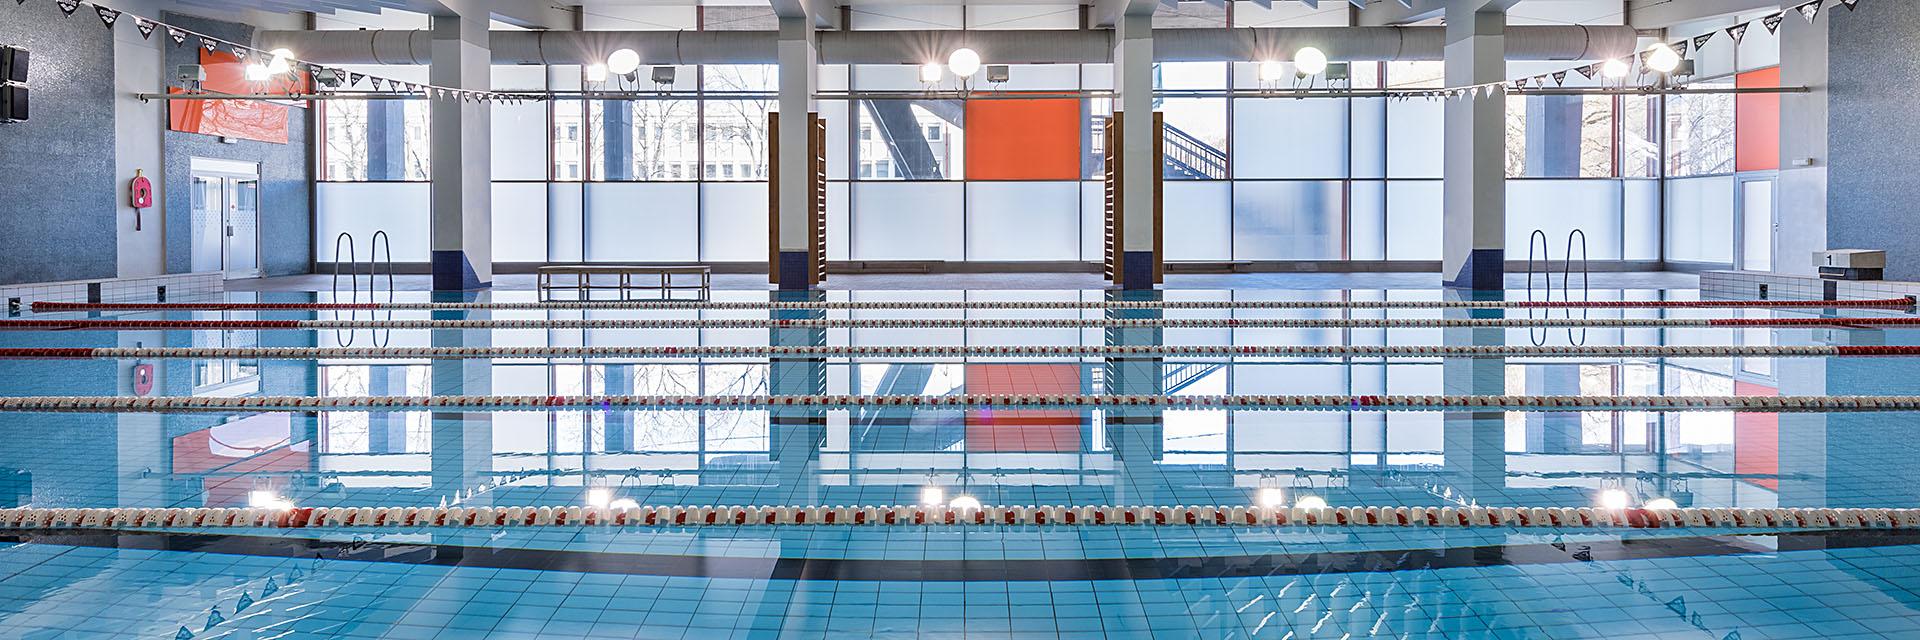 fotografování interiérů nemovitostí / profesionální fotograf Vojtěch Pavelčík / bazén Strahov